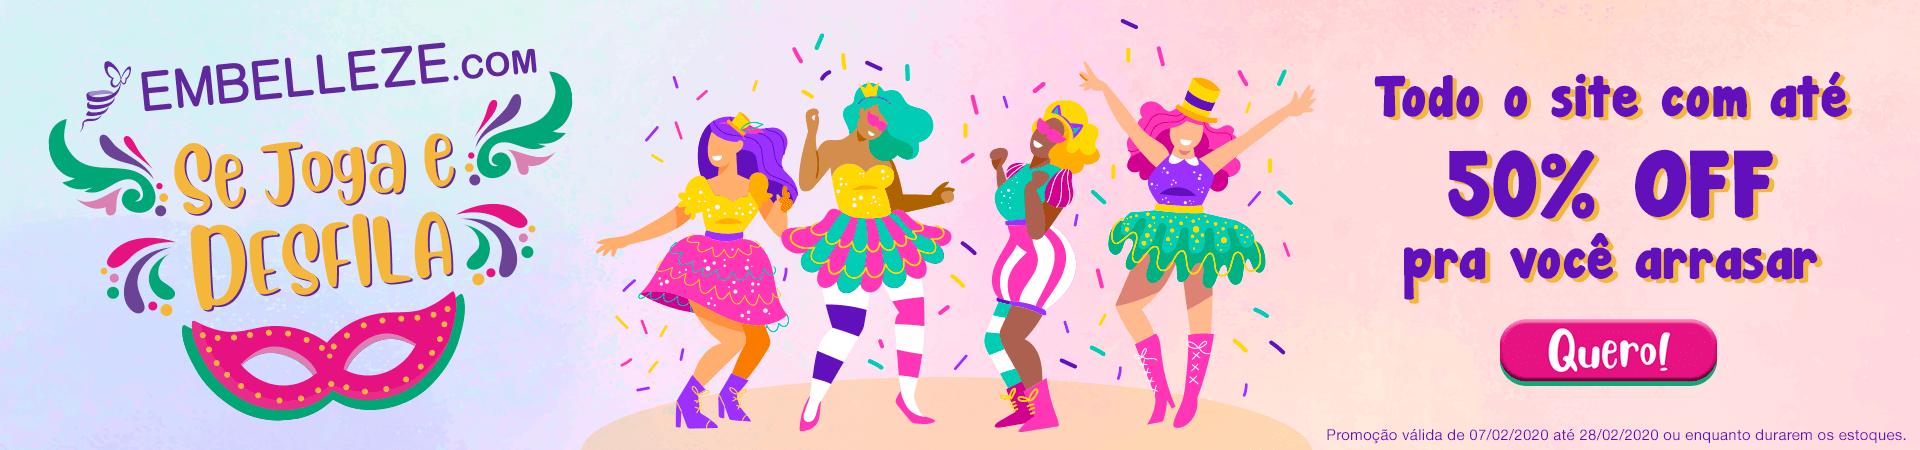 Fullbanner Carnaval 2020